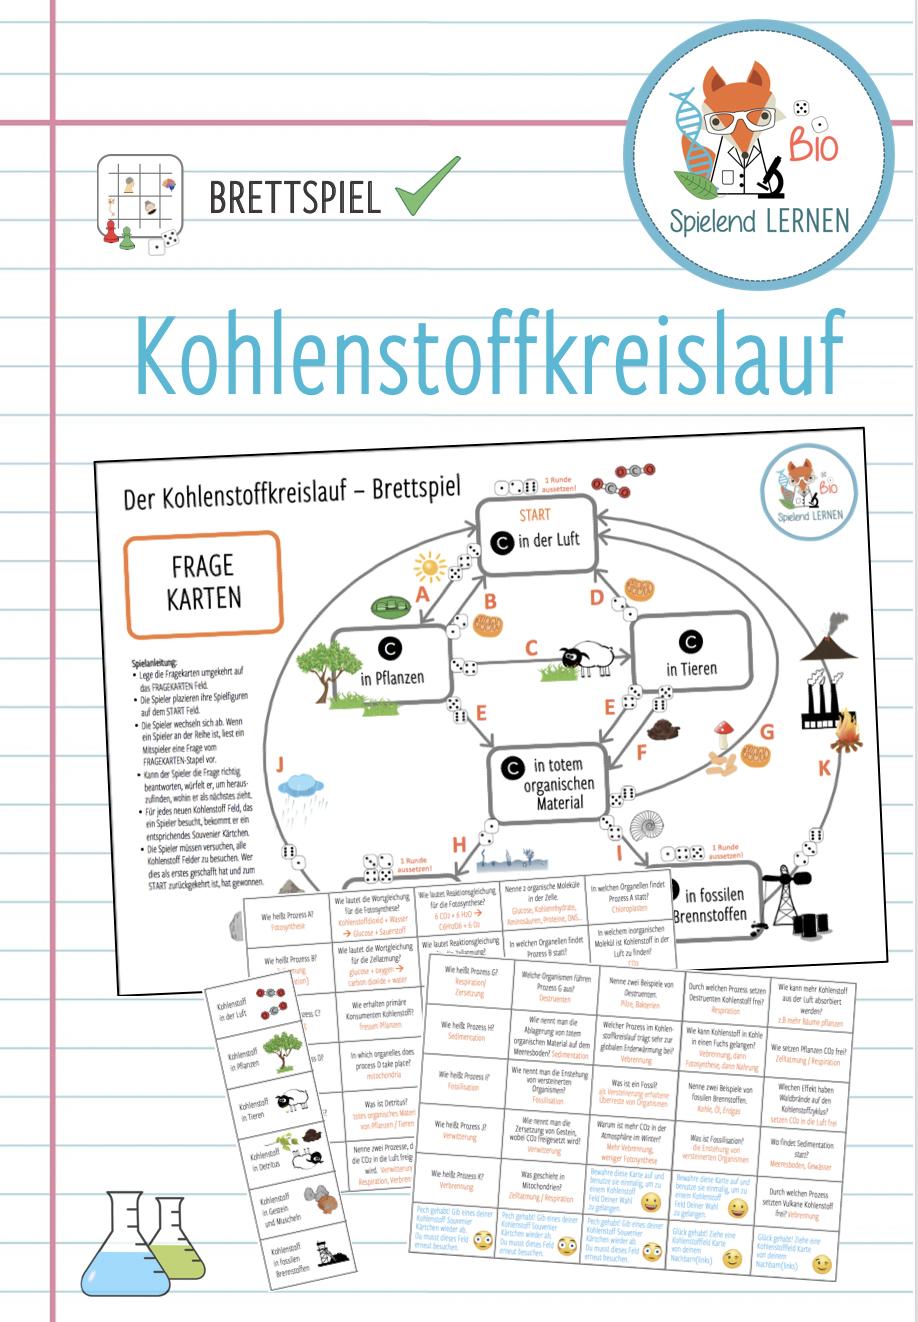 Kohlenstoffkreislauf   Brettspiel – Unterrichtsmaterial im Fach ...